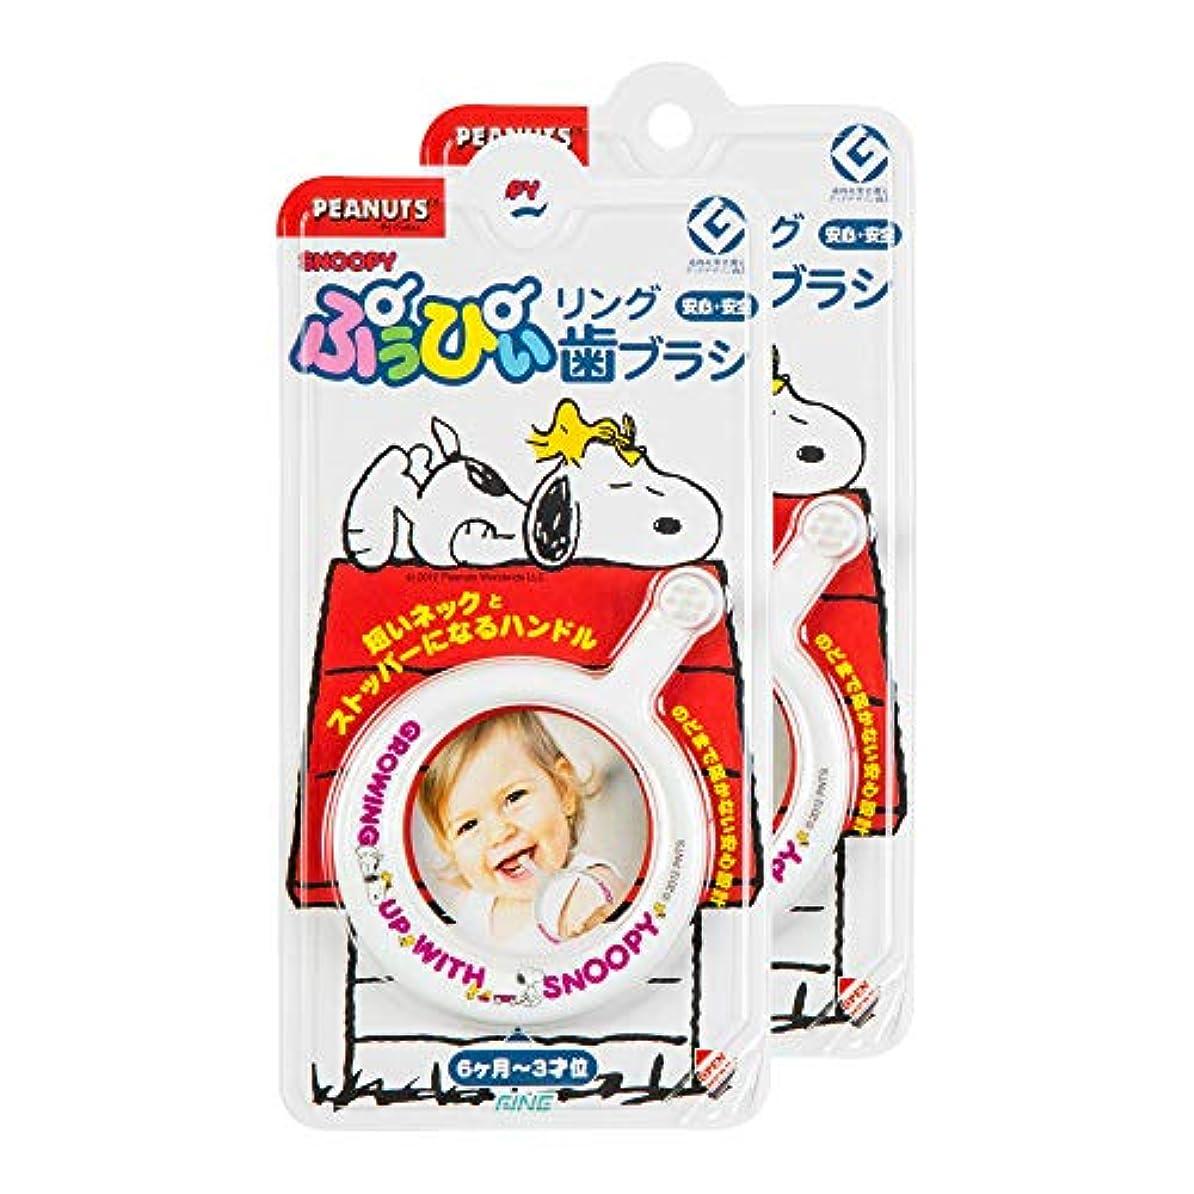 なる仕様万歳【Amazon.co.jp限定】 ファイン ベビー用歯ブラシ 2個組 ピンク 2組 4976858872099